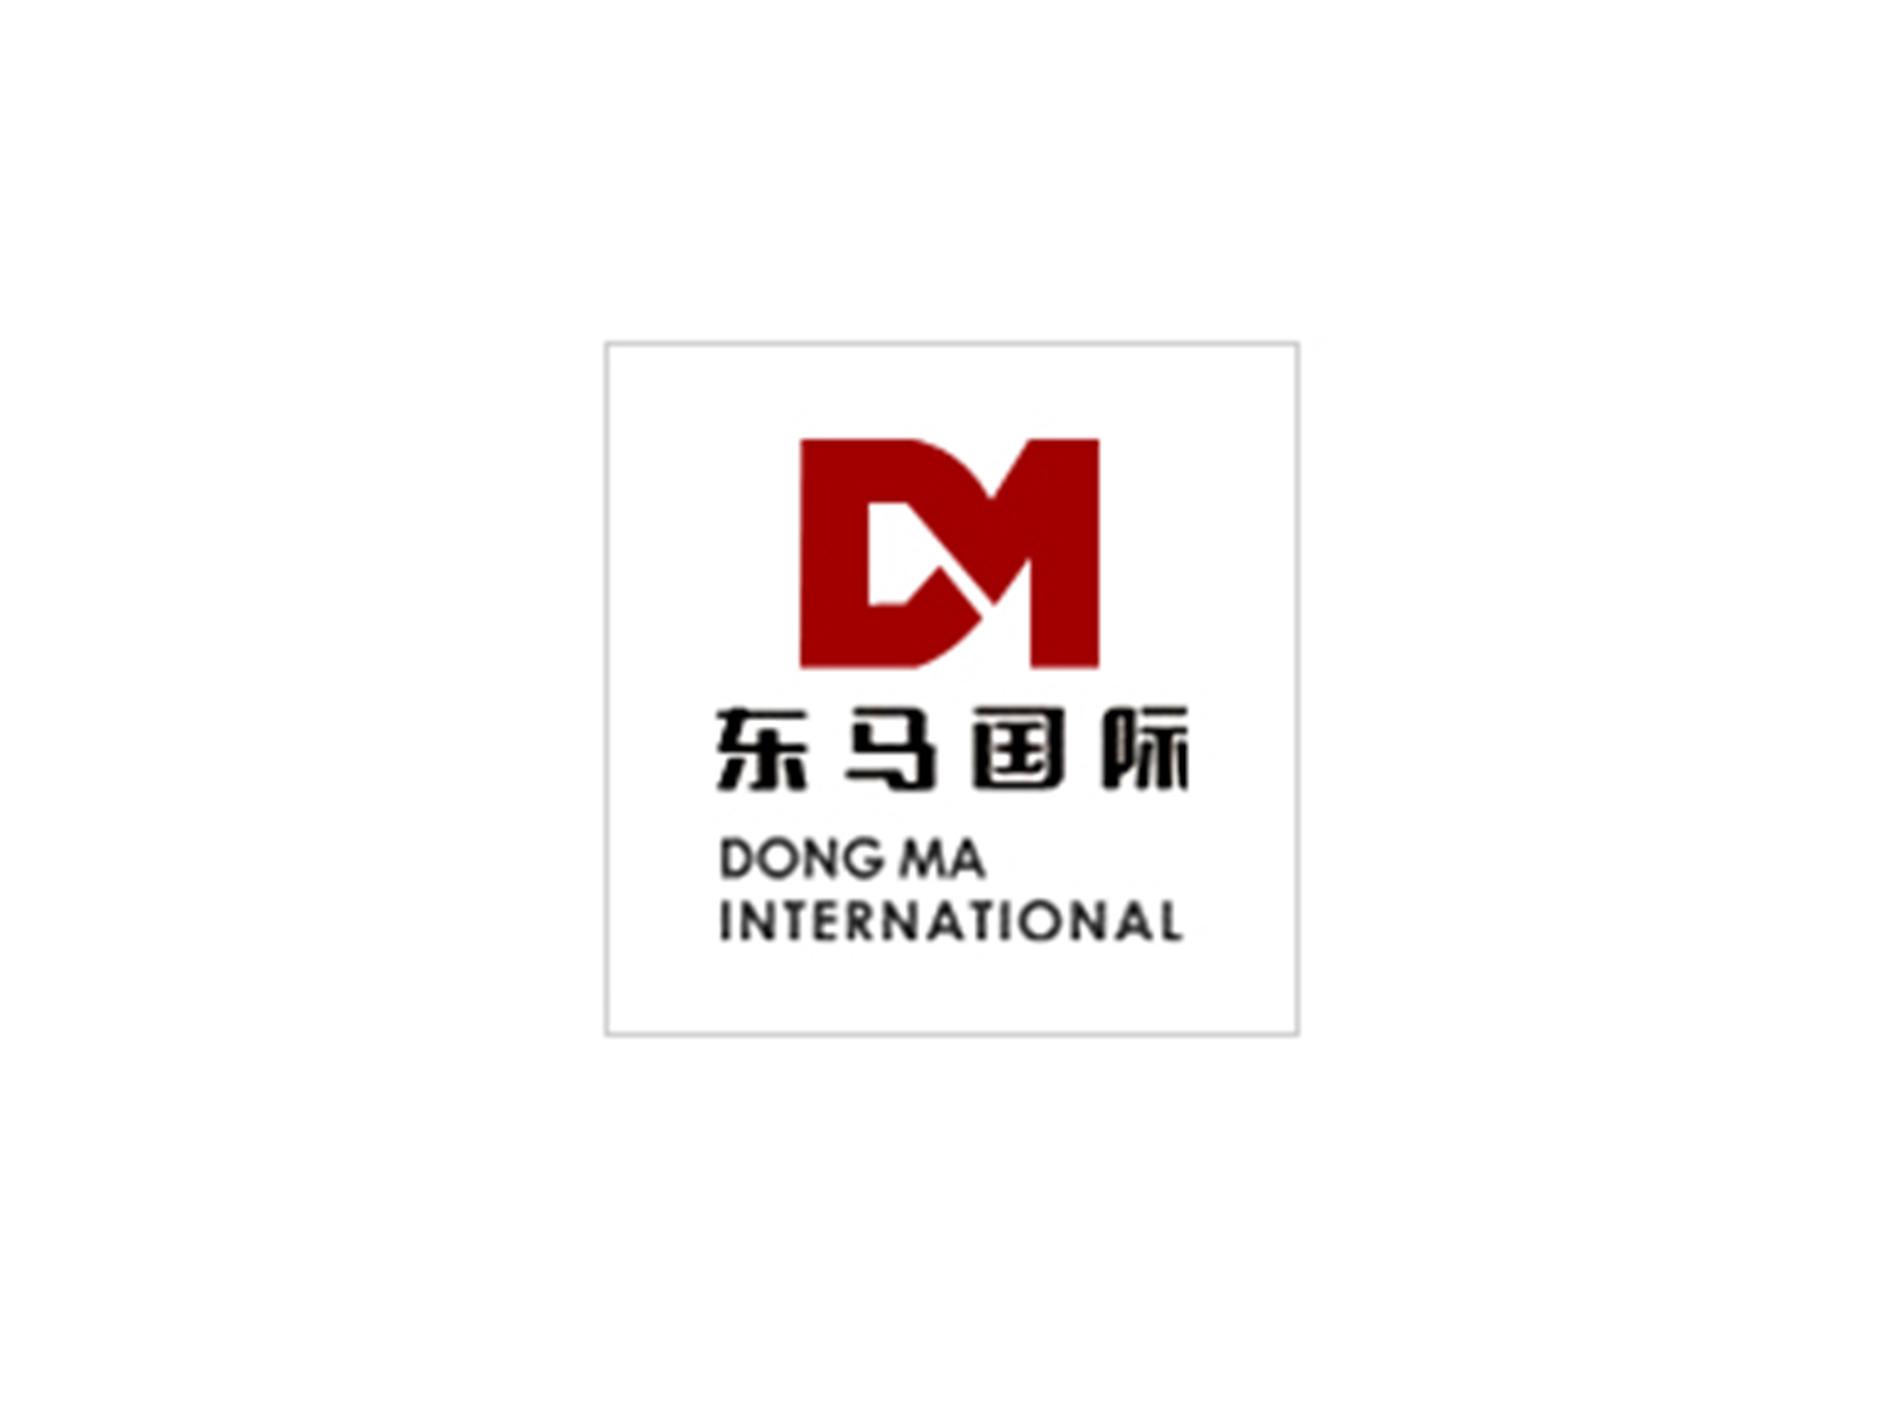 柏思合作伙伴-东马国际